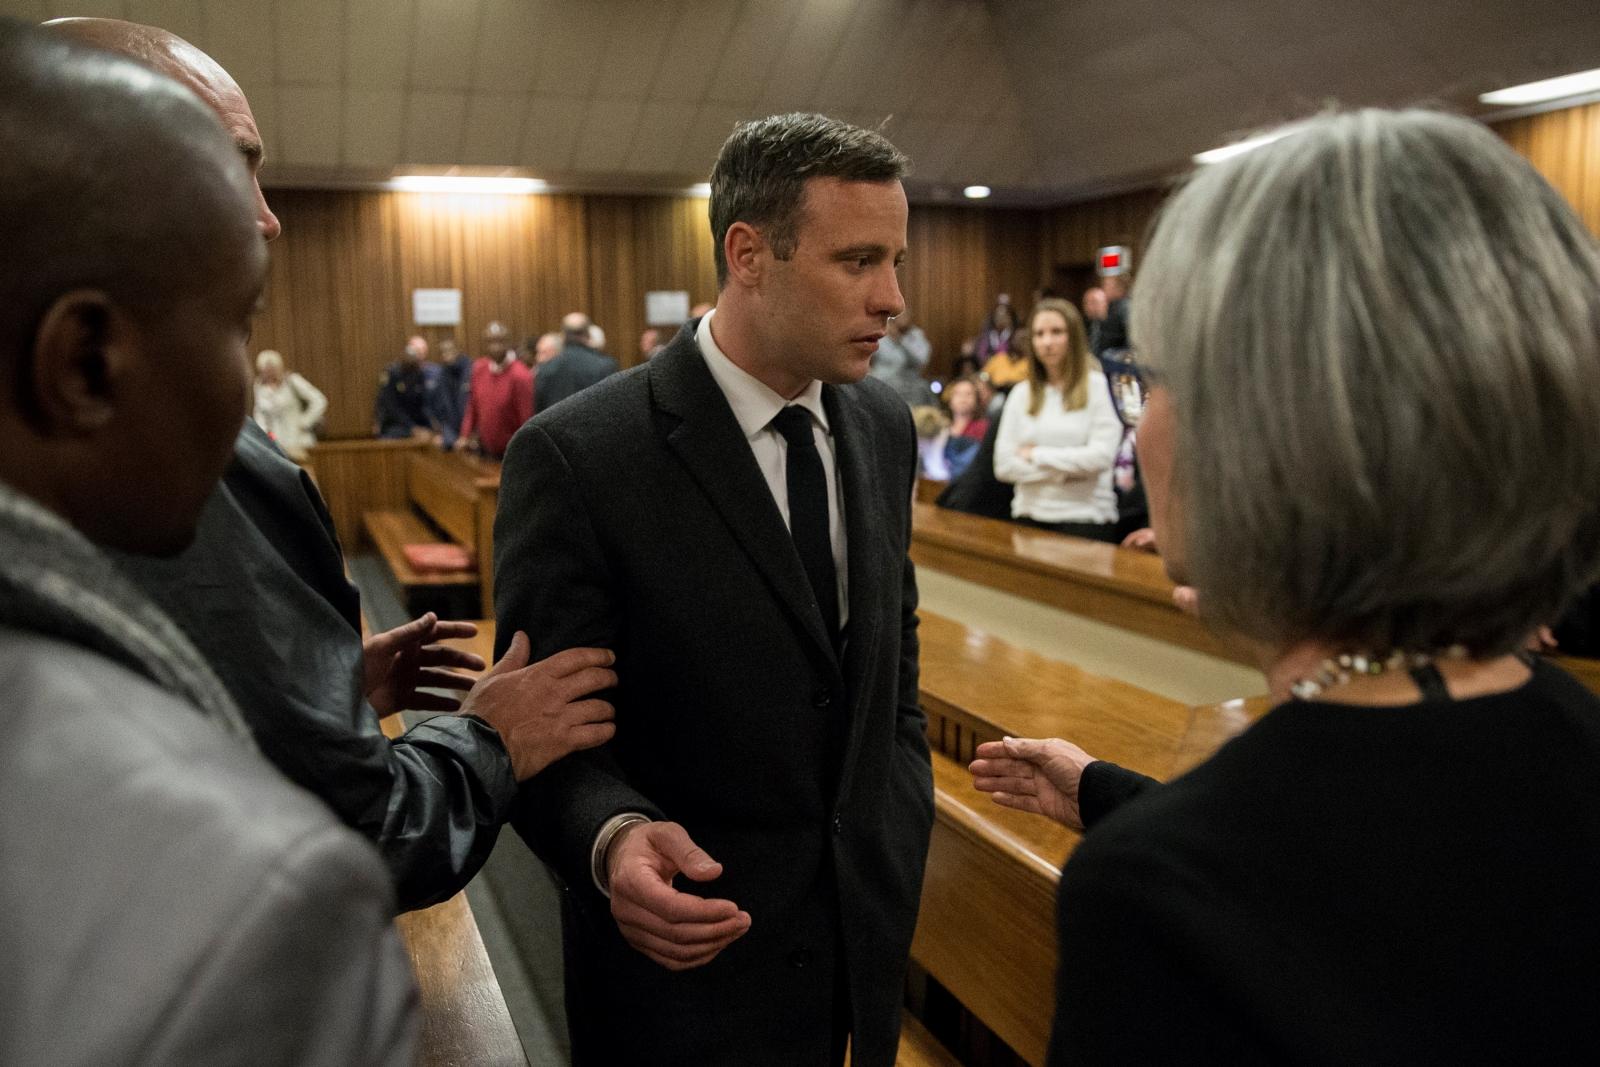 Oscar Pistorius at trial